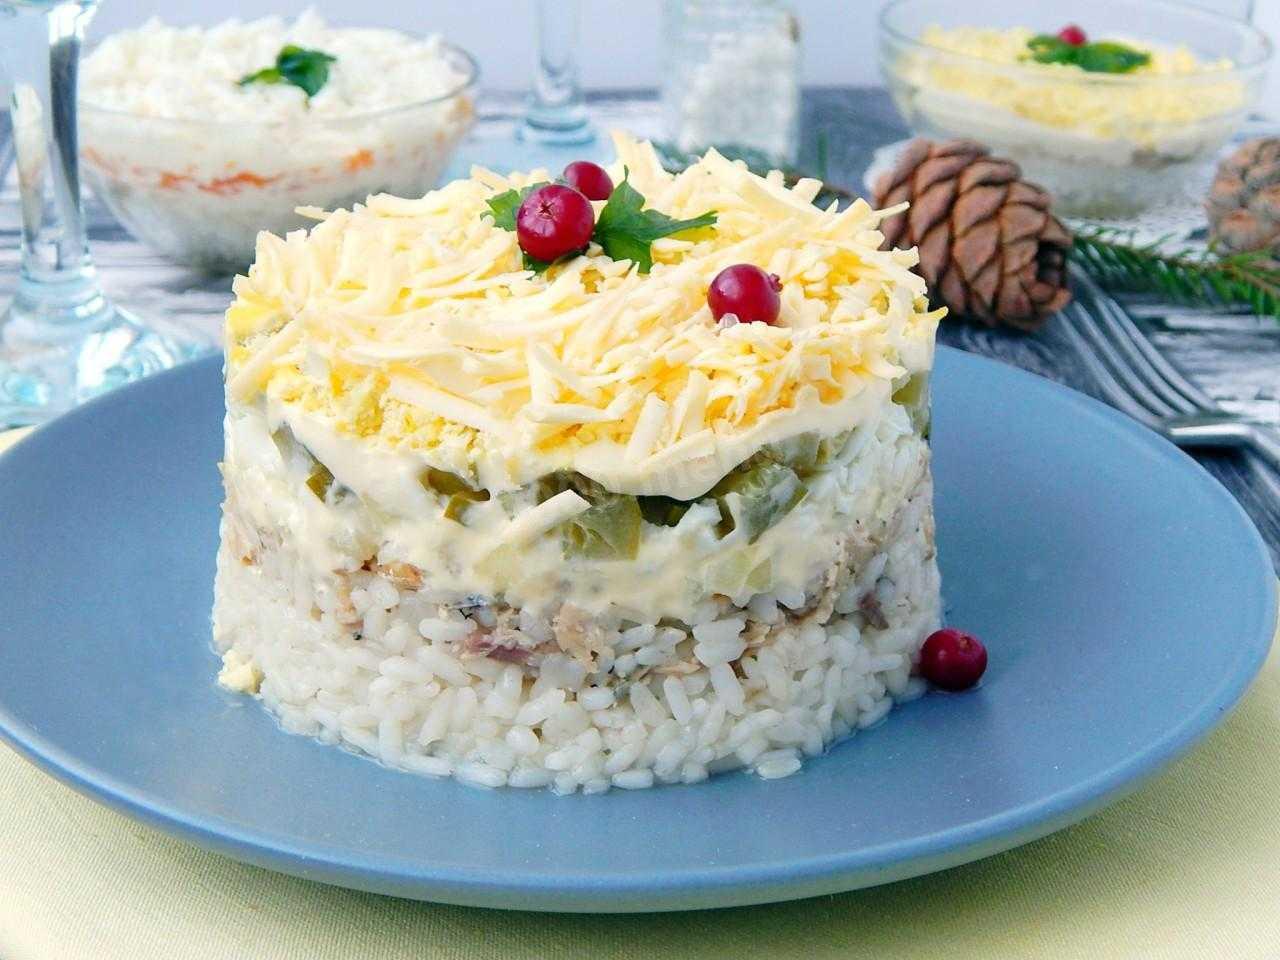 Салат с рыбной консервой и яйцом рецепт с фото пошагово - 1000.menu